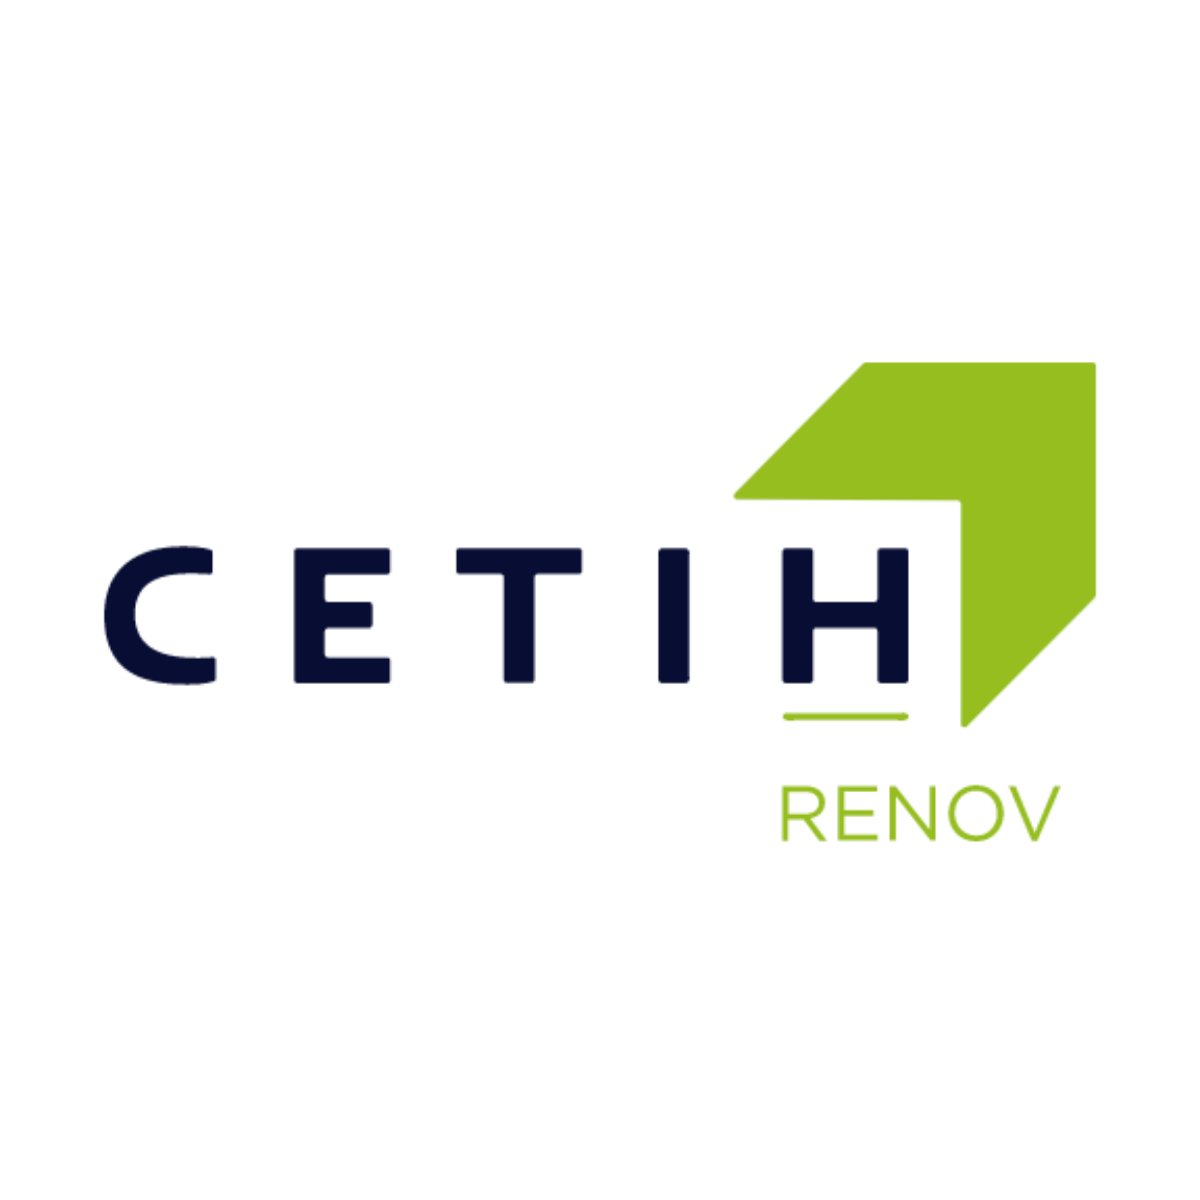 Pierre-Henri Grolleau & Laurent Riou - CETIH RENOV